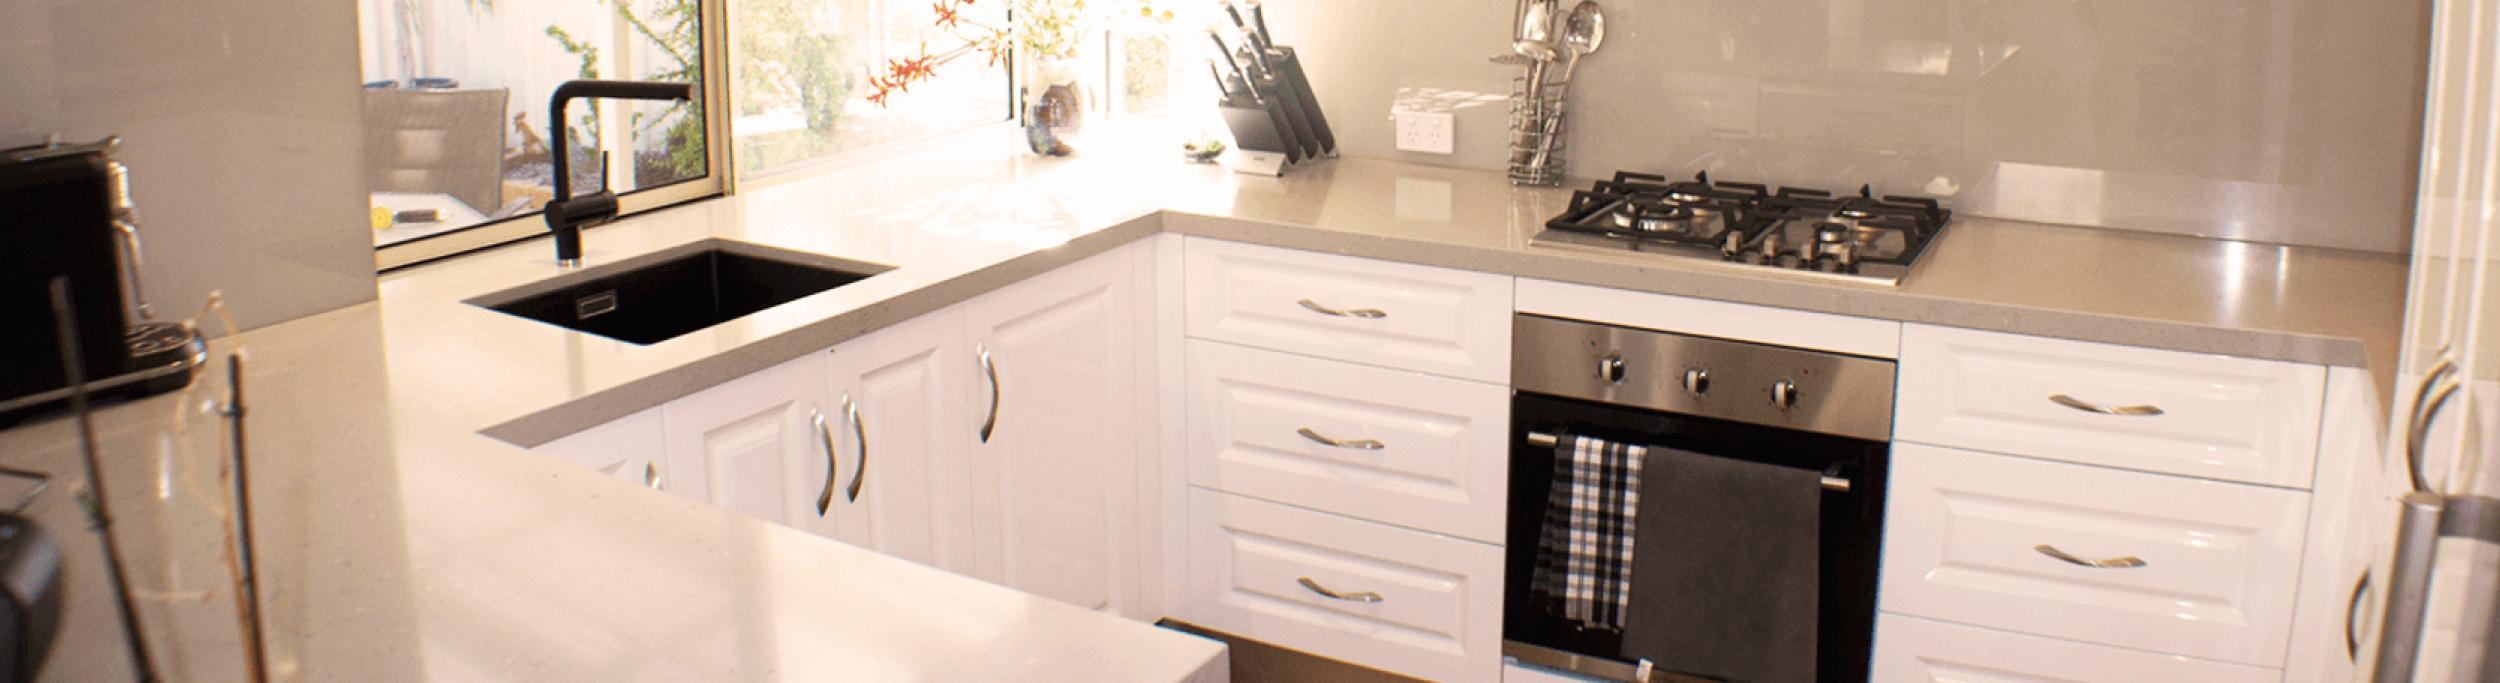 mount-pleasant kitchen.jpg